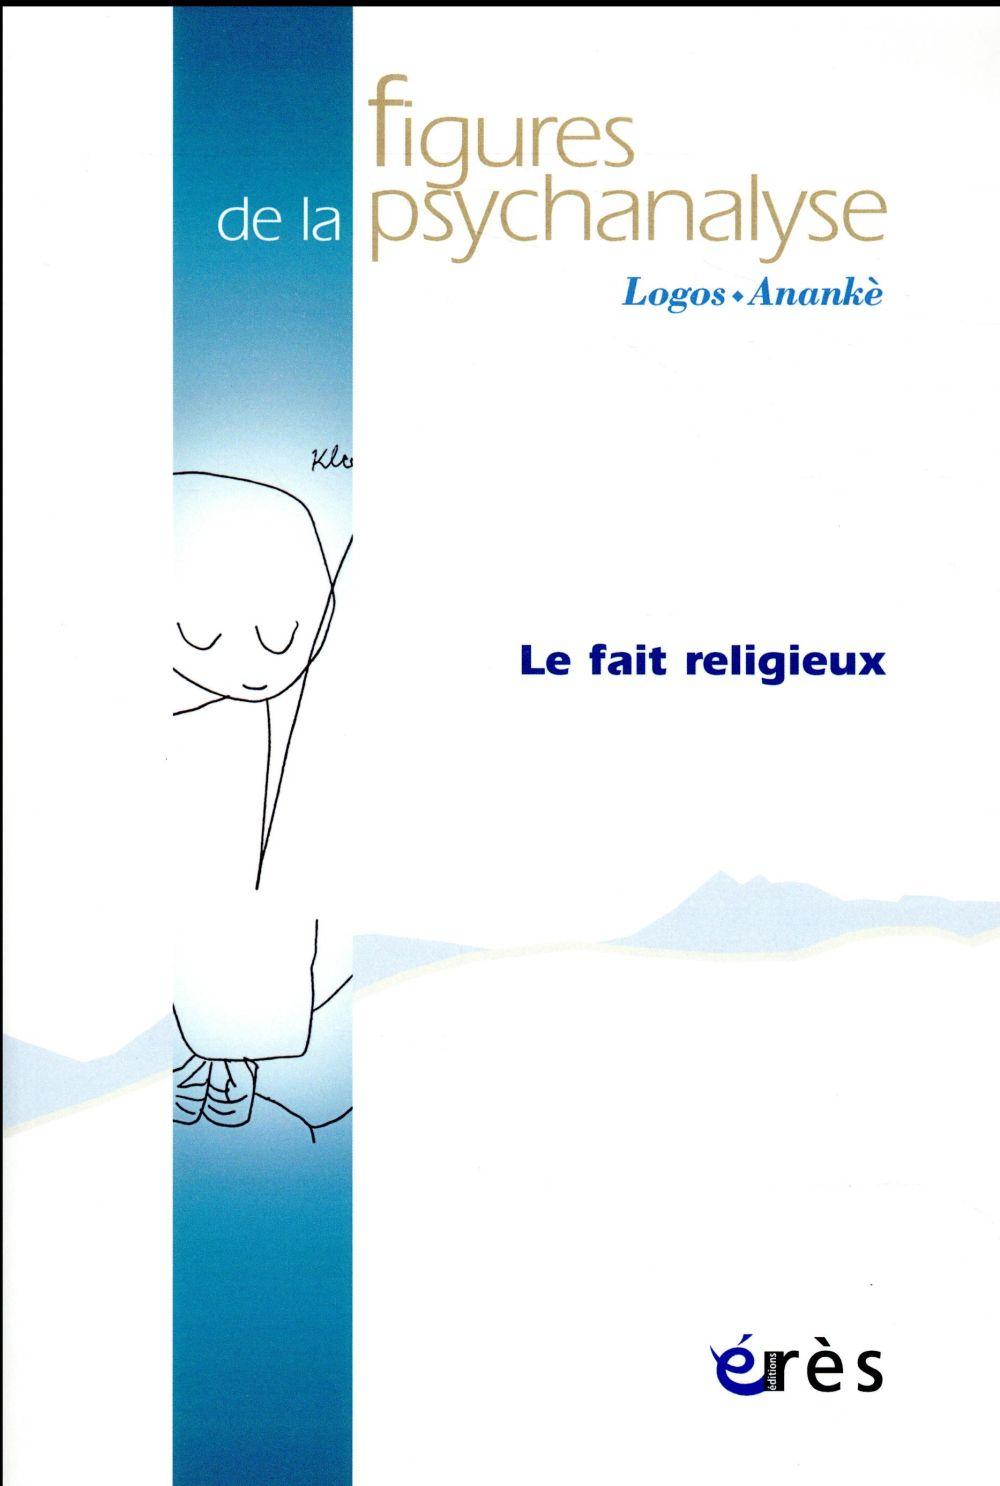 FIGURES DE LA PSYCHANALYSE 34 - LE FAIT RELIGIEUX